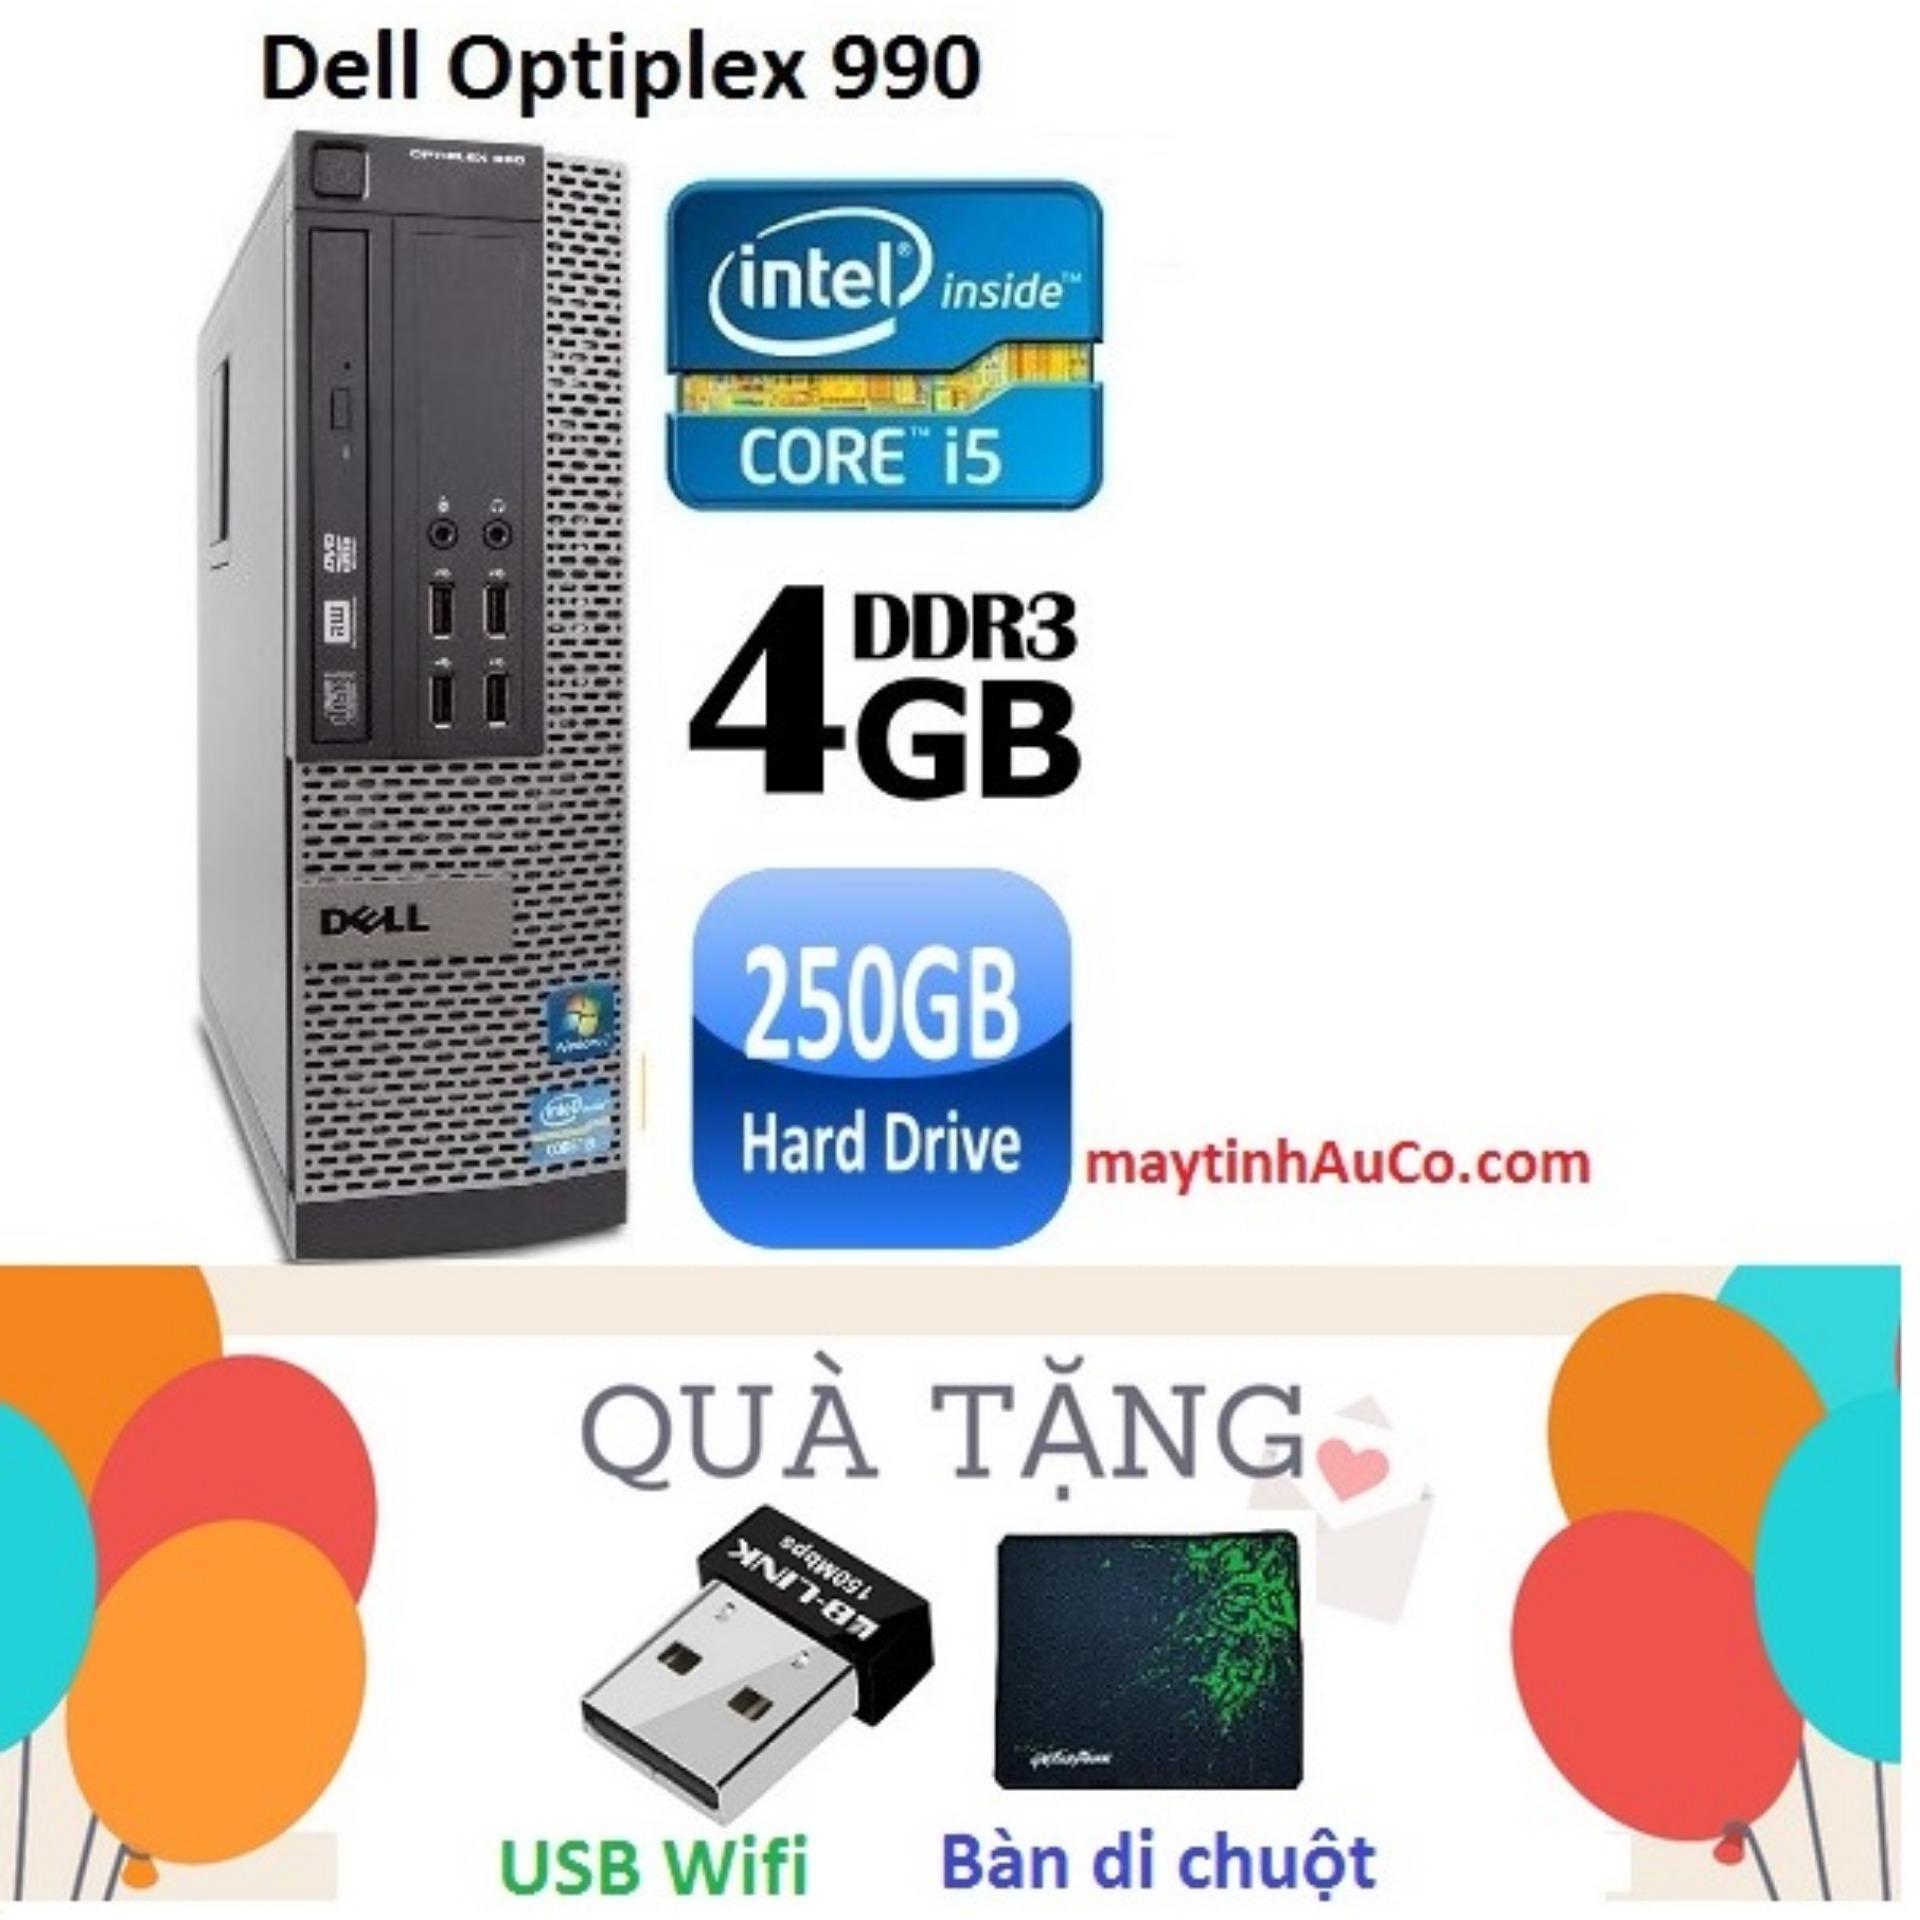 Đồng Bộ Dell Optiplex 990 Core i5 2400 / 4G / 250G,  Tặng USB Wifi , Bàn di chuột  , Bảo hành 24 tháng